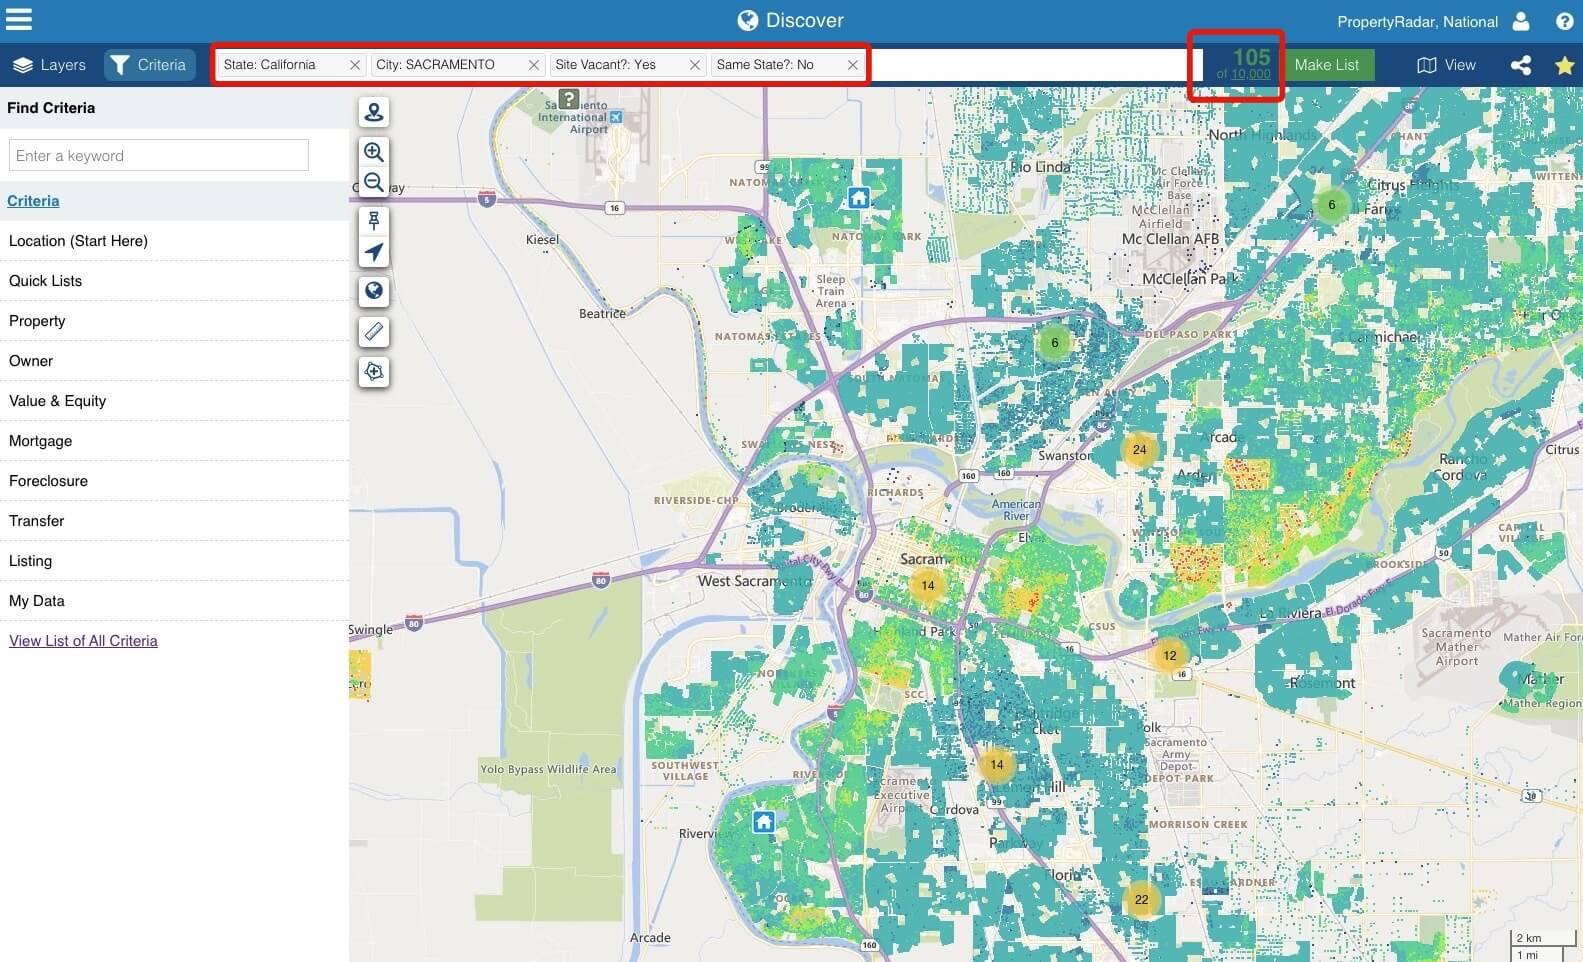 LionDesk integration with PropertyRadar for real estate investors